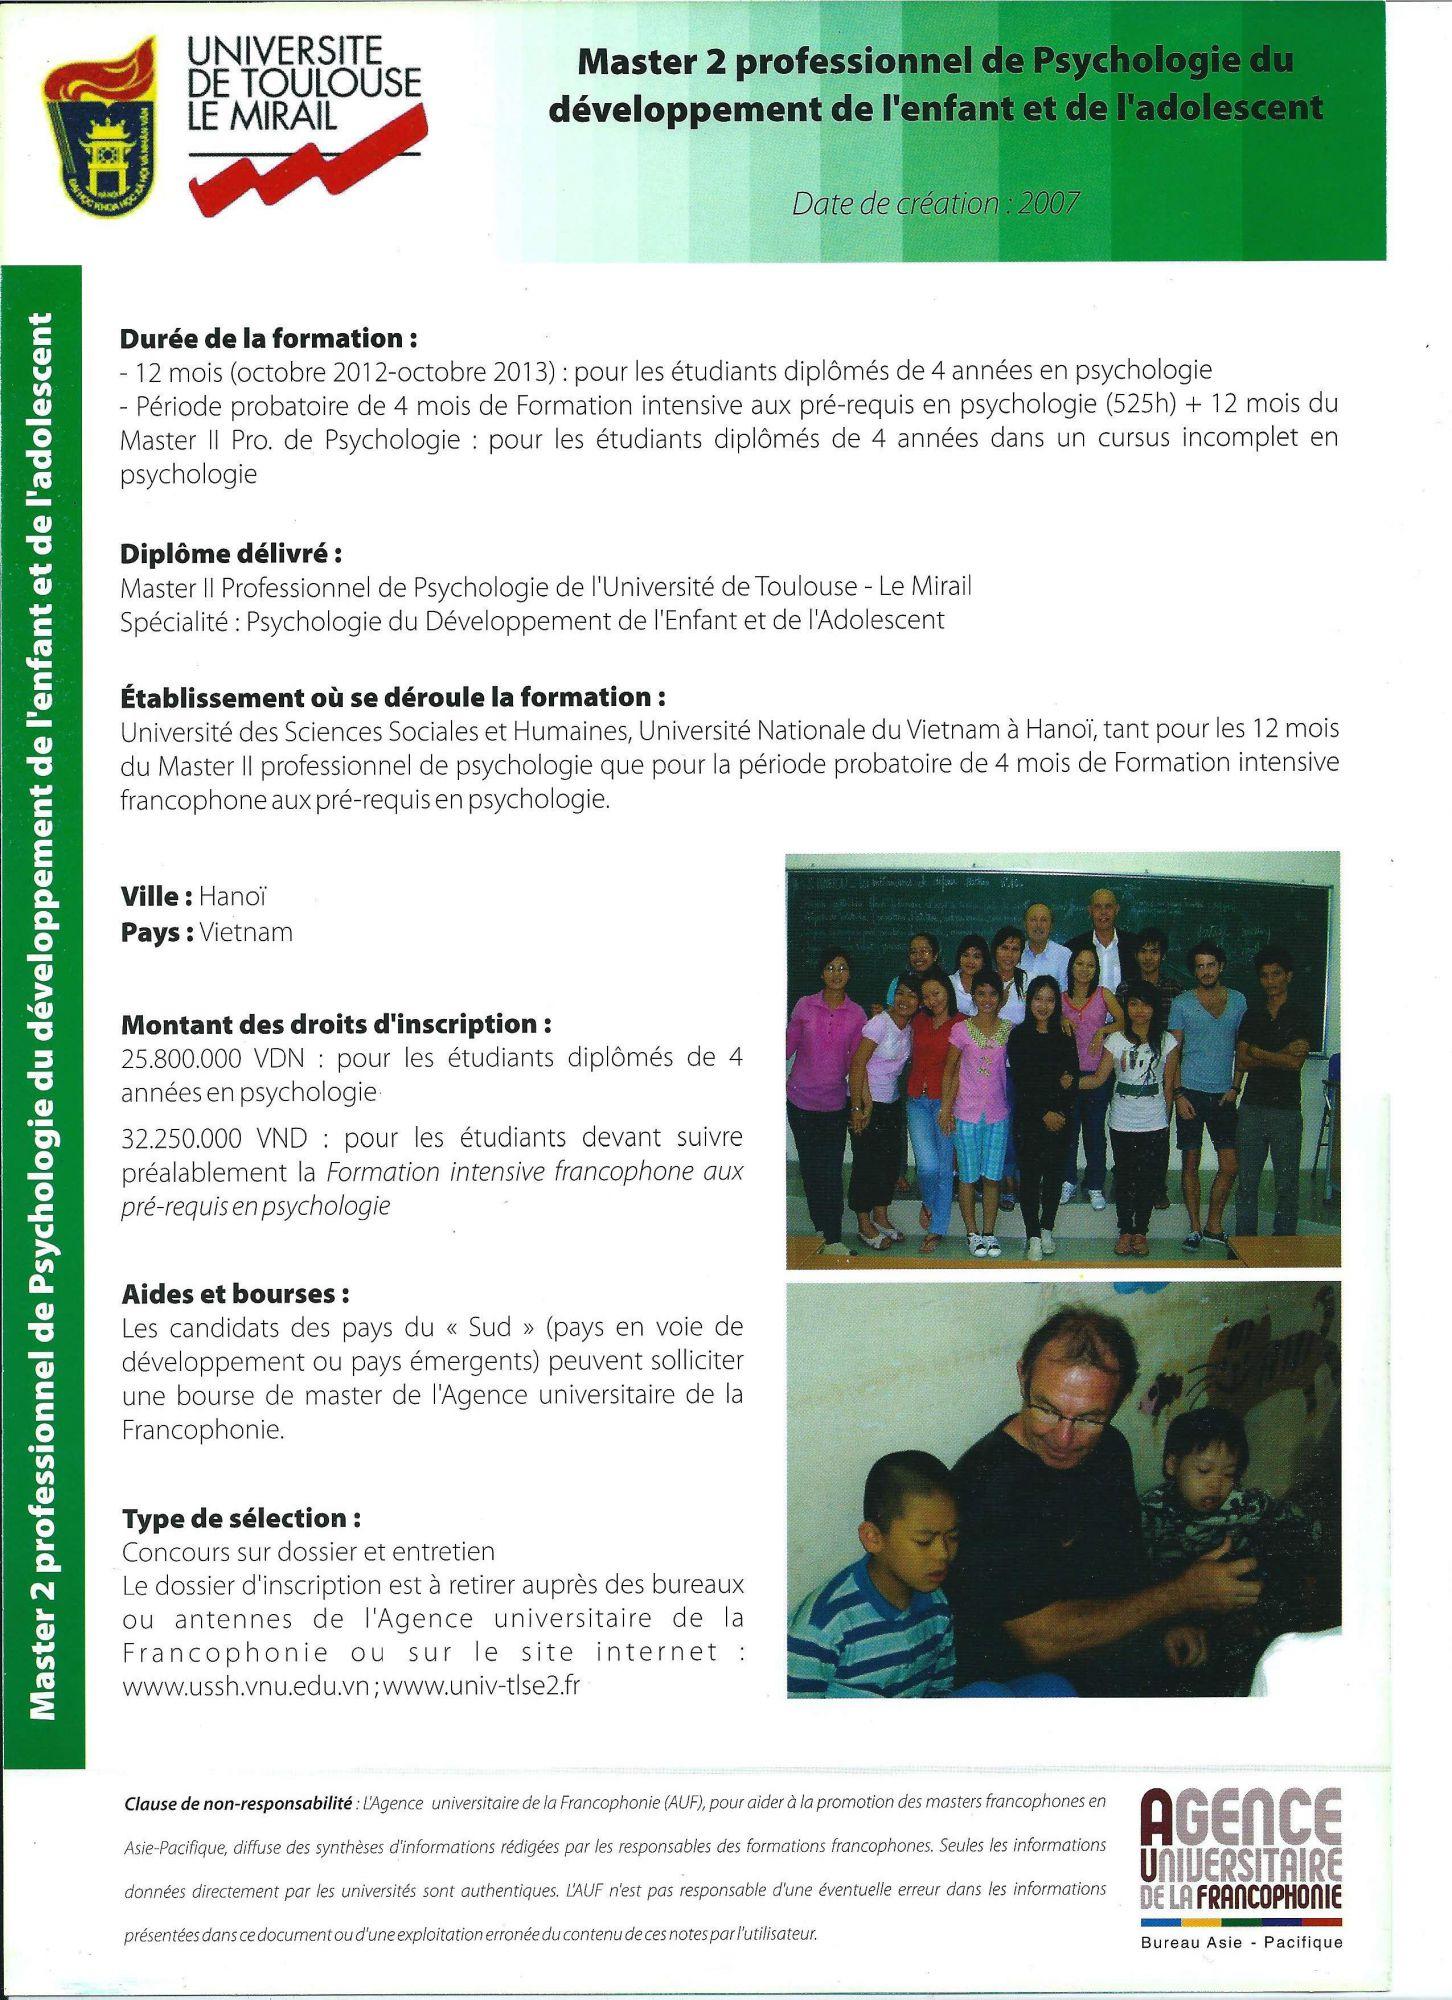 Master 2 professionnel de Psychologie du Développement de l'Enfant et de l'Adolescent